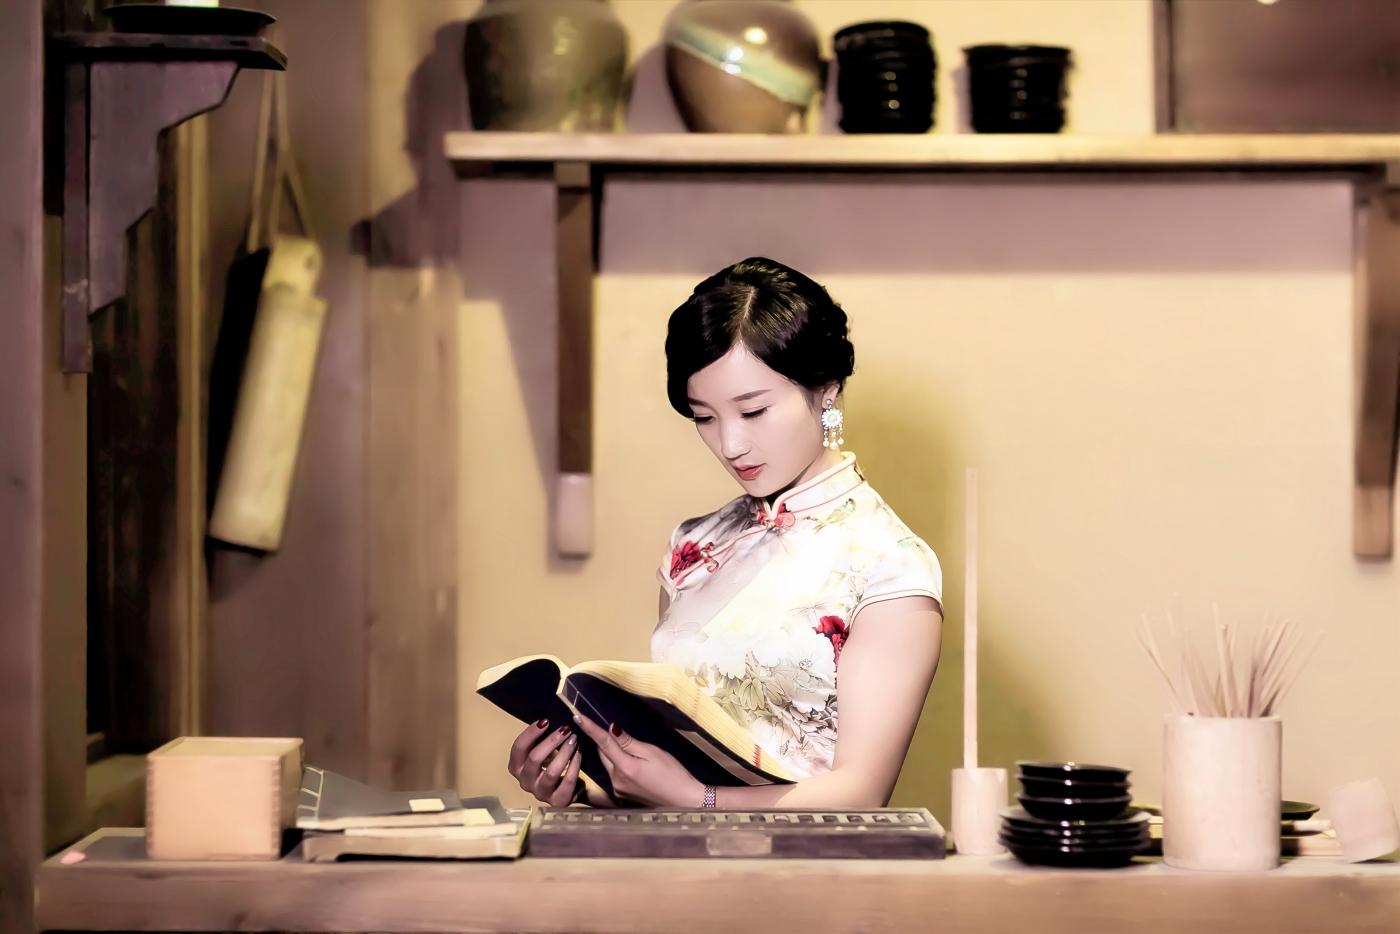 当临沂女孩孔孙懿凡遇到旗袍 一样会像王的女人一样高贵典雅 ..._图1-4